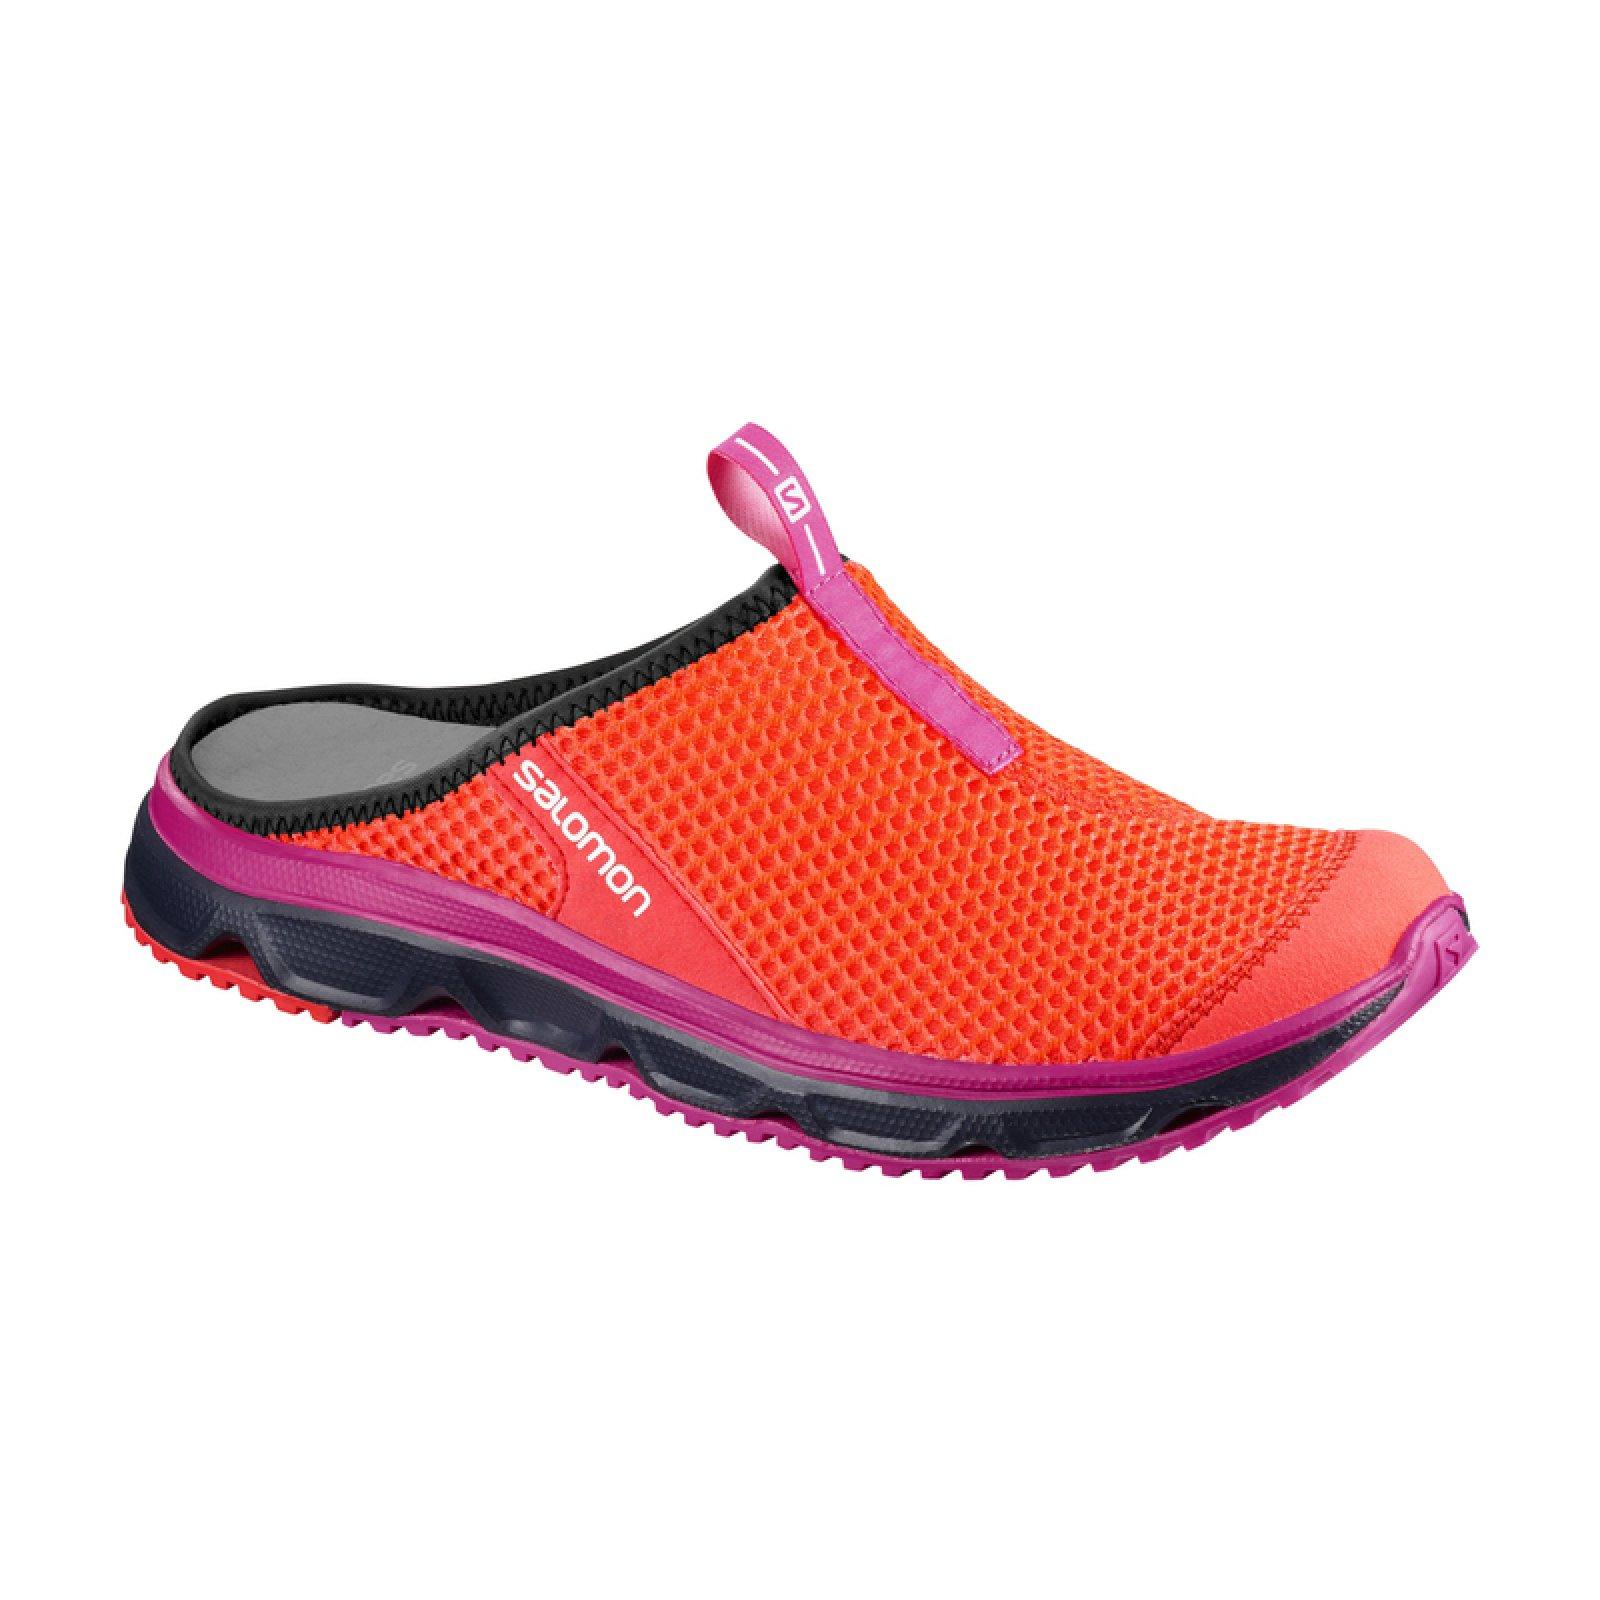 Pantofle Salomon RX Slide 3.0 W L40145400 - Actisport.cz 73b755ca70